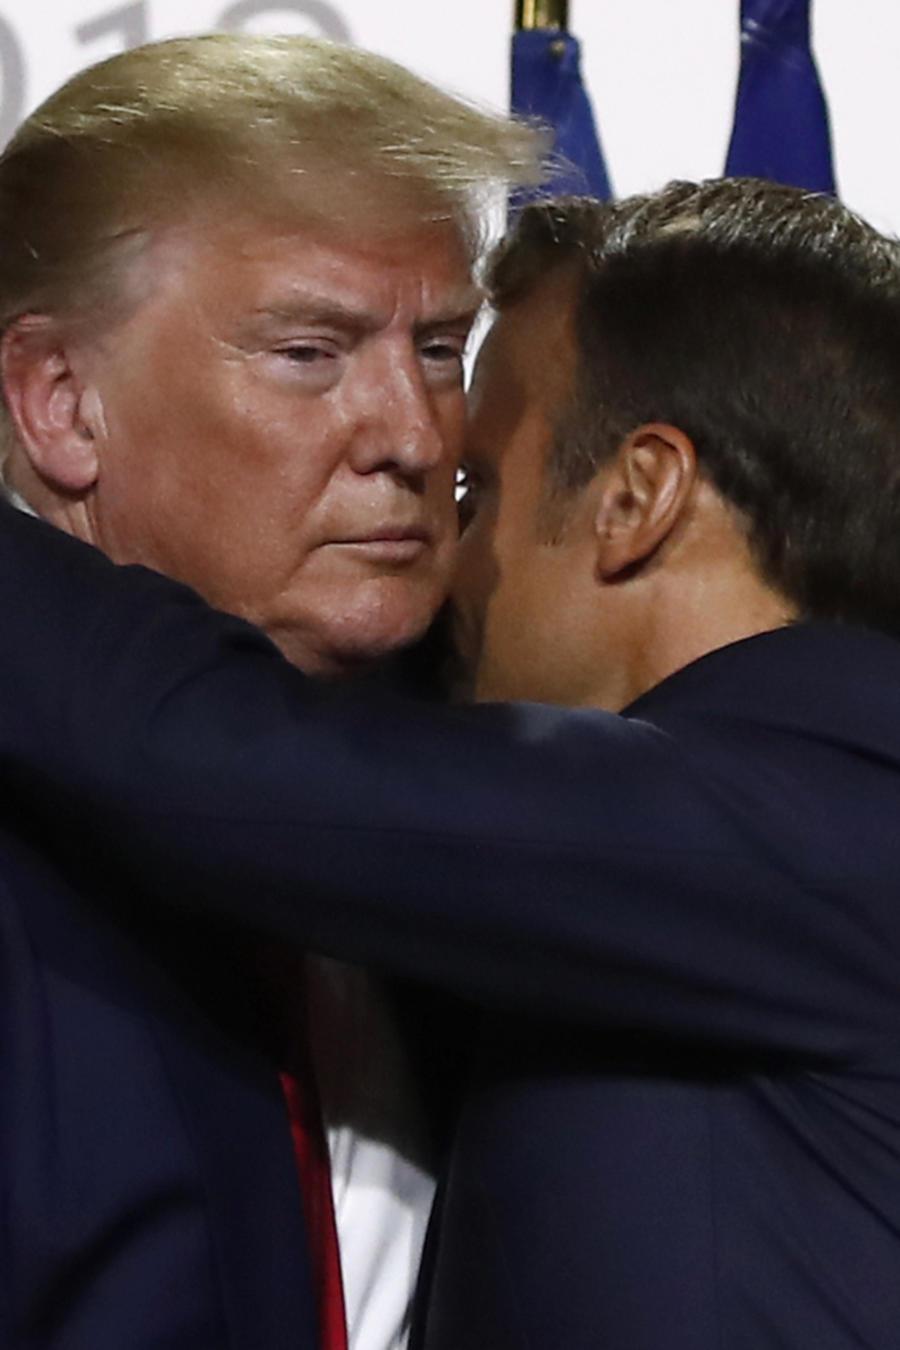 A la izquierda, Trump se abraza con Macron. A la derecha, la primera dama, durante el viaje presidencial a Francia.